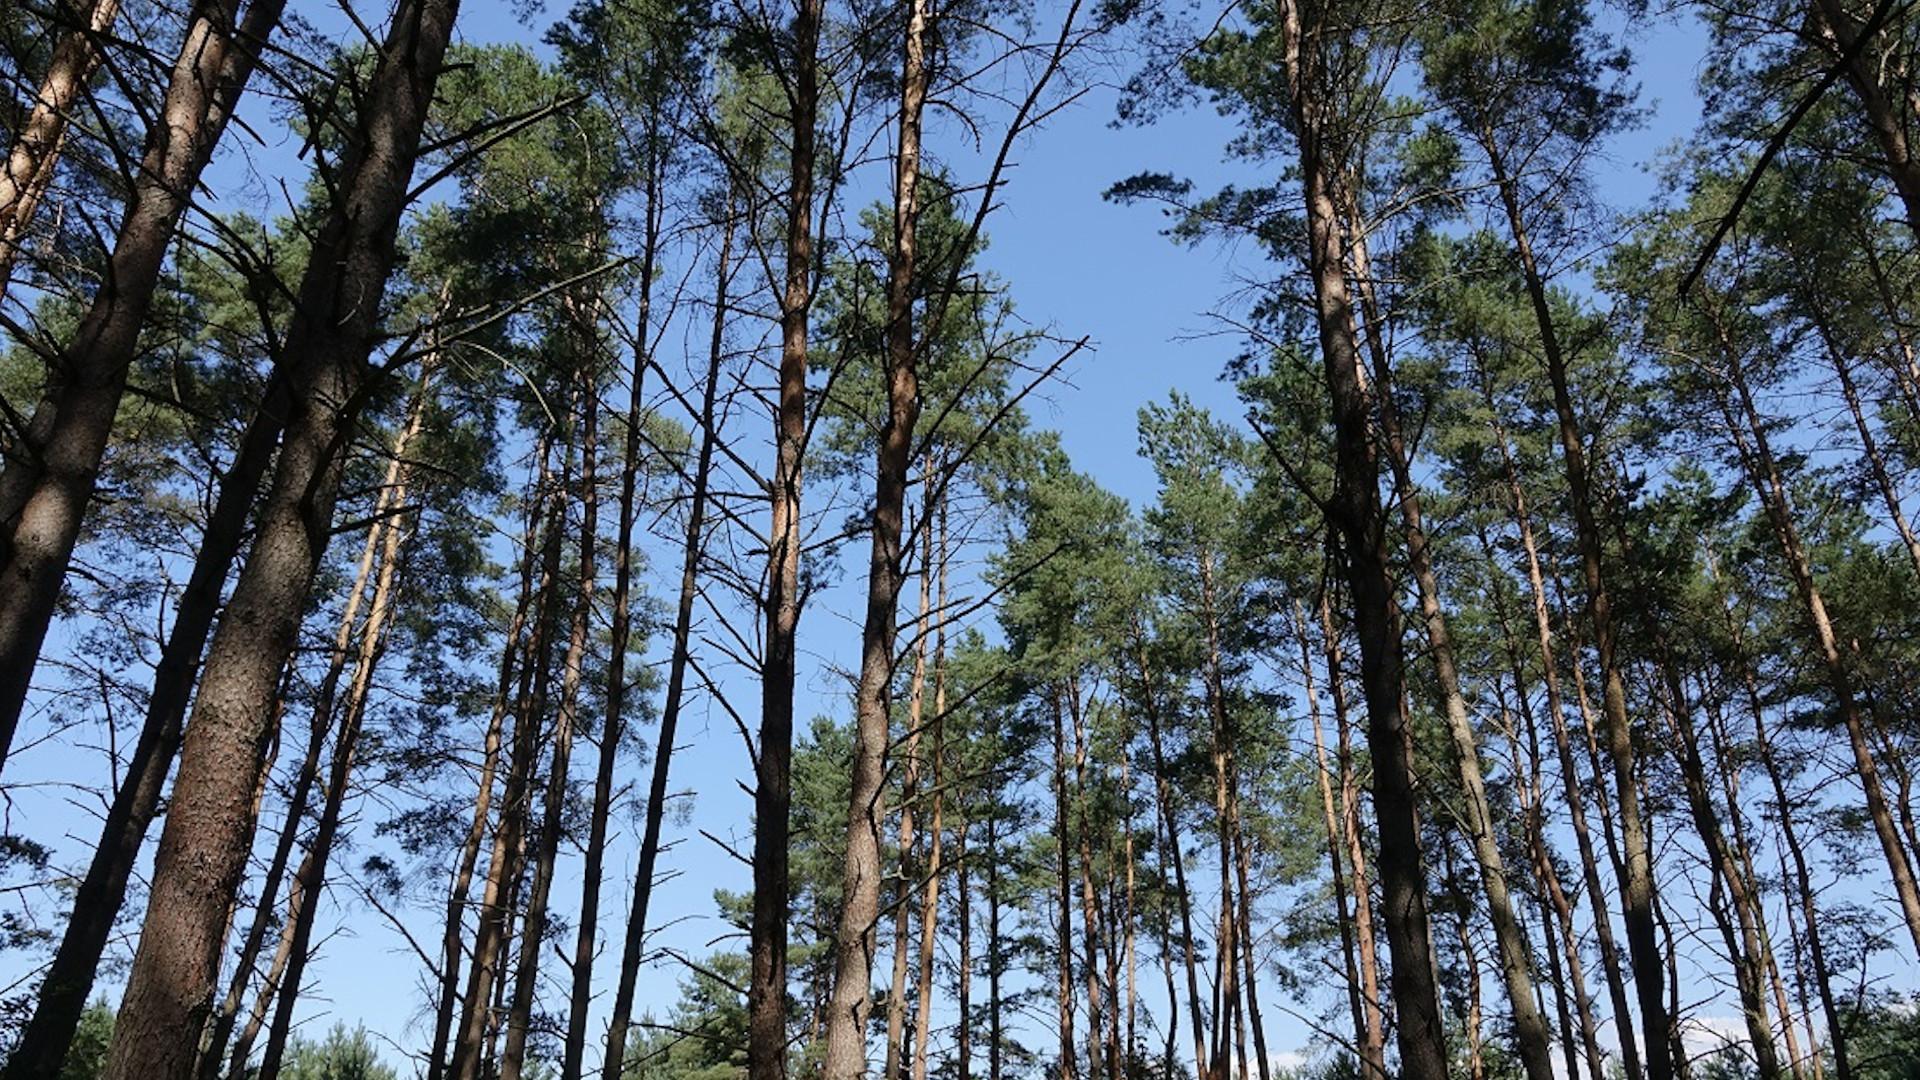 Blick auf die Baumkronen